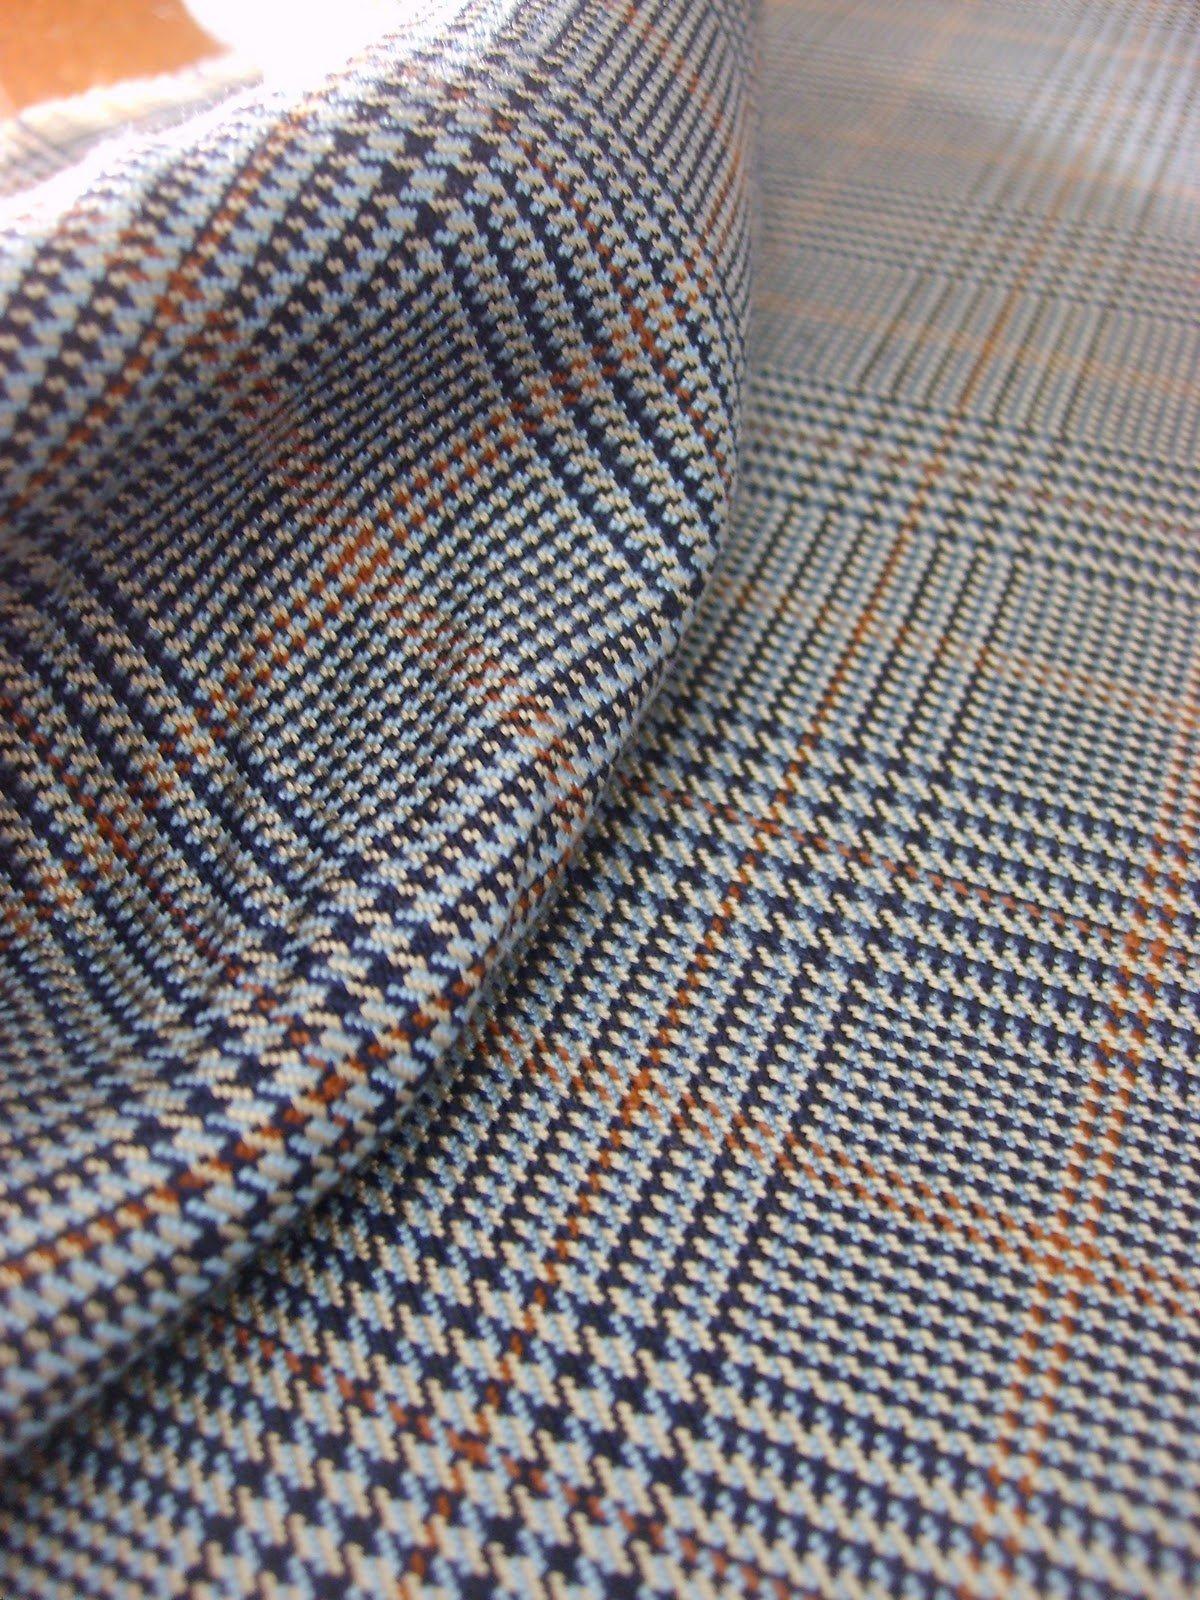 Tessuto principe di Galles in cui oltre ai classici bianco e nero è presente anche il beige.